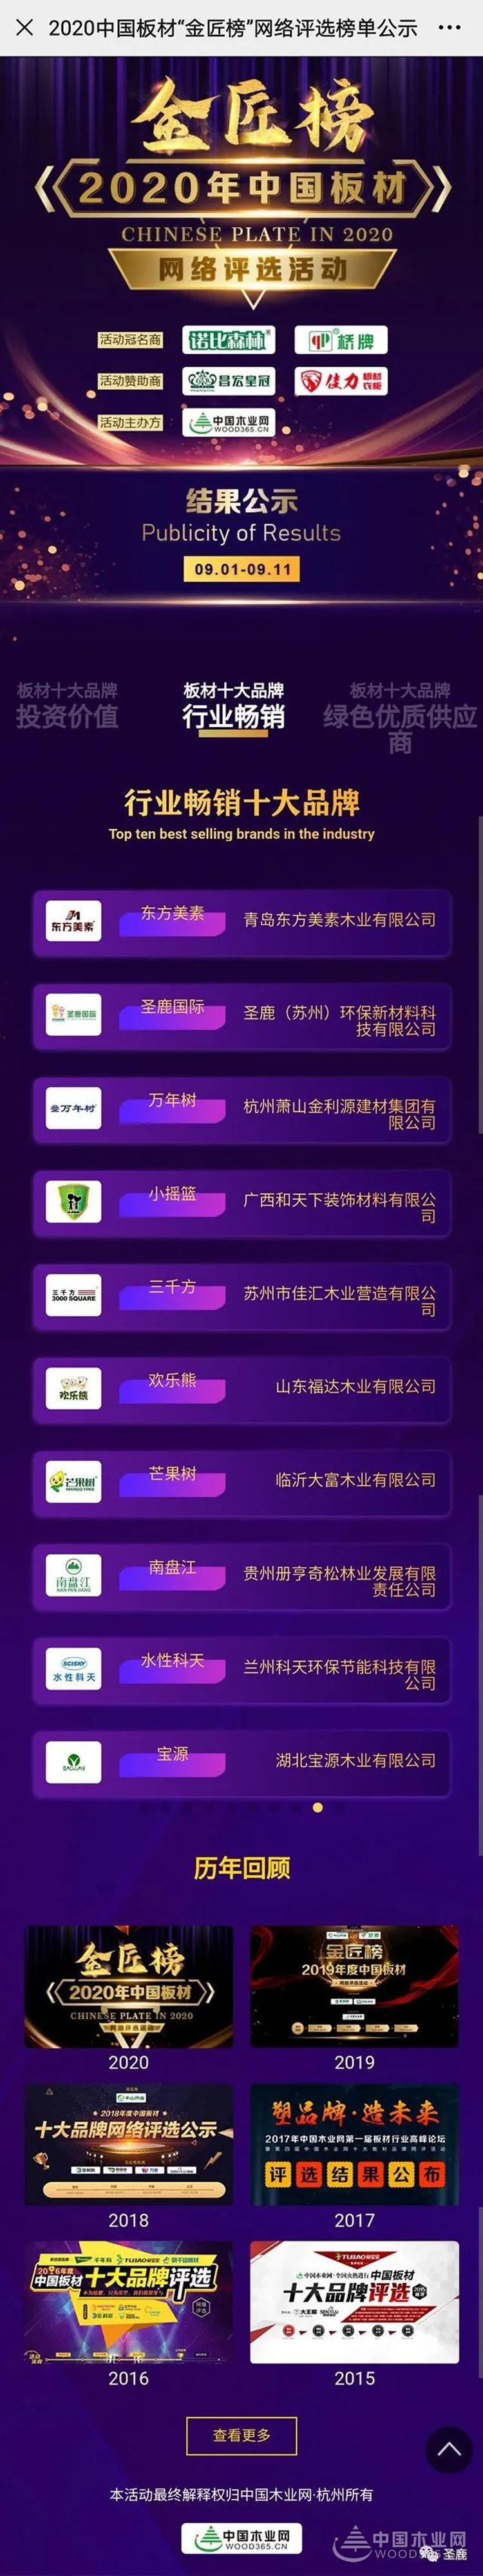 """匠心传承,质胜未来!圣鹿国际荣获""""金匠榜""""行业畅销板材十大品牌"""